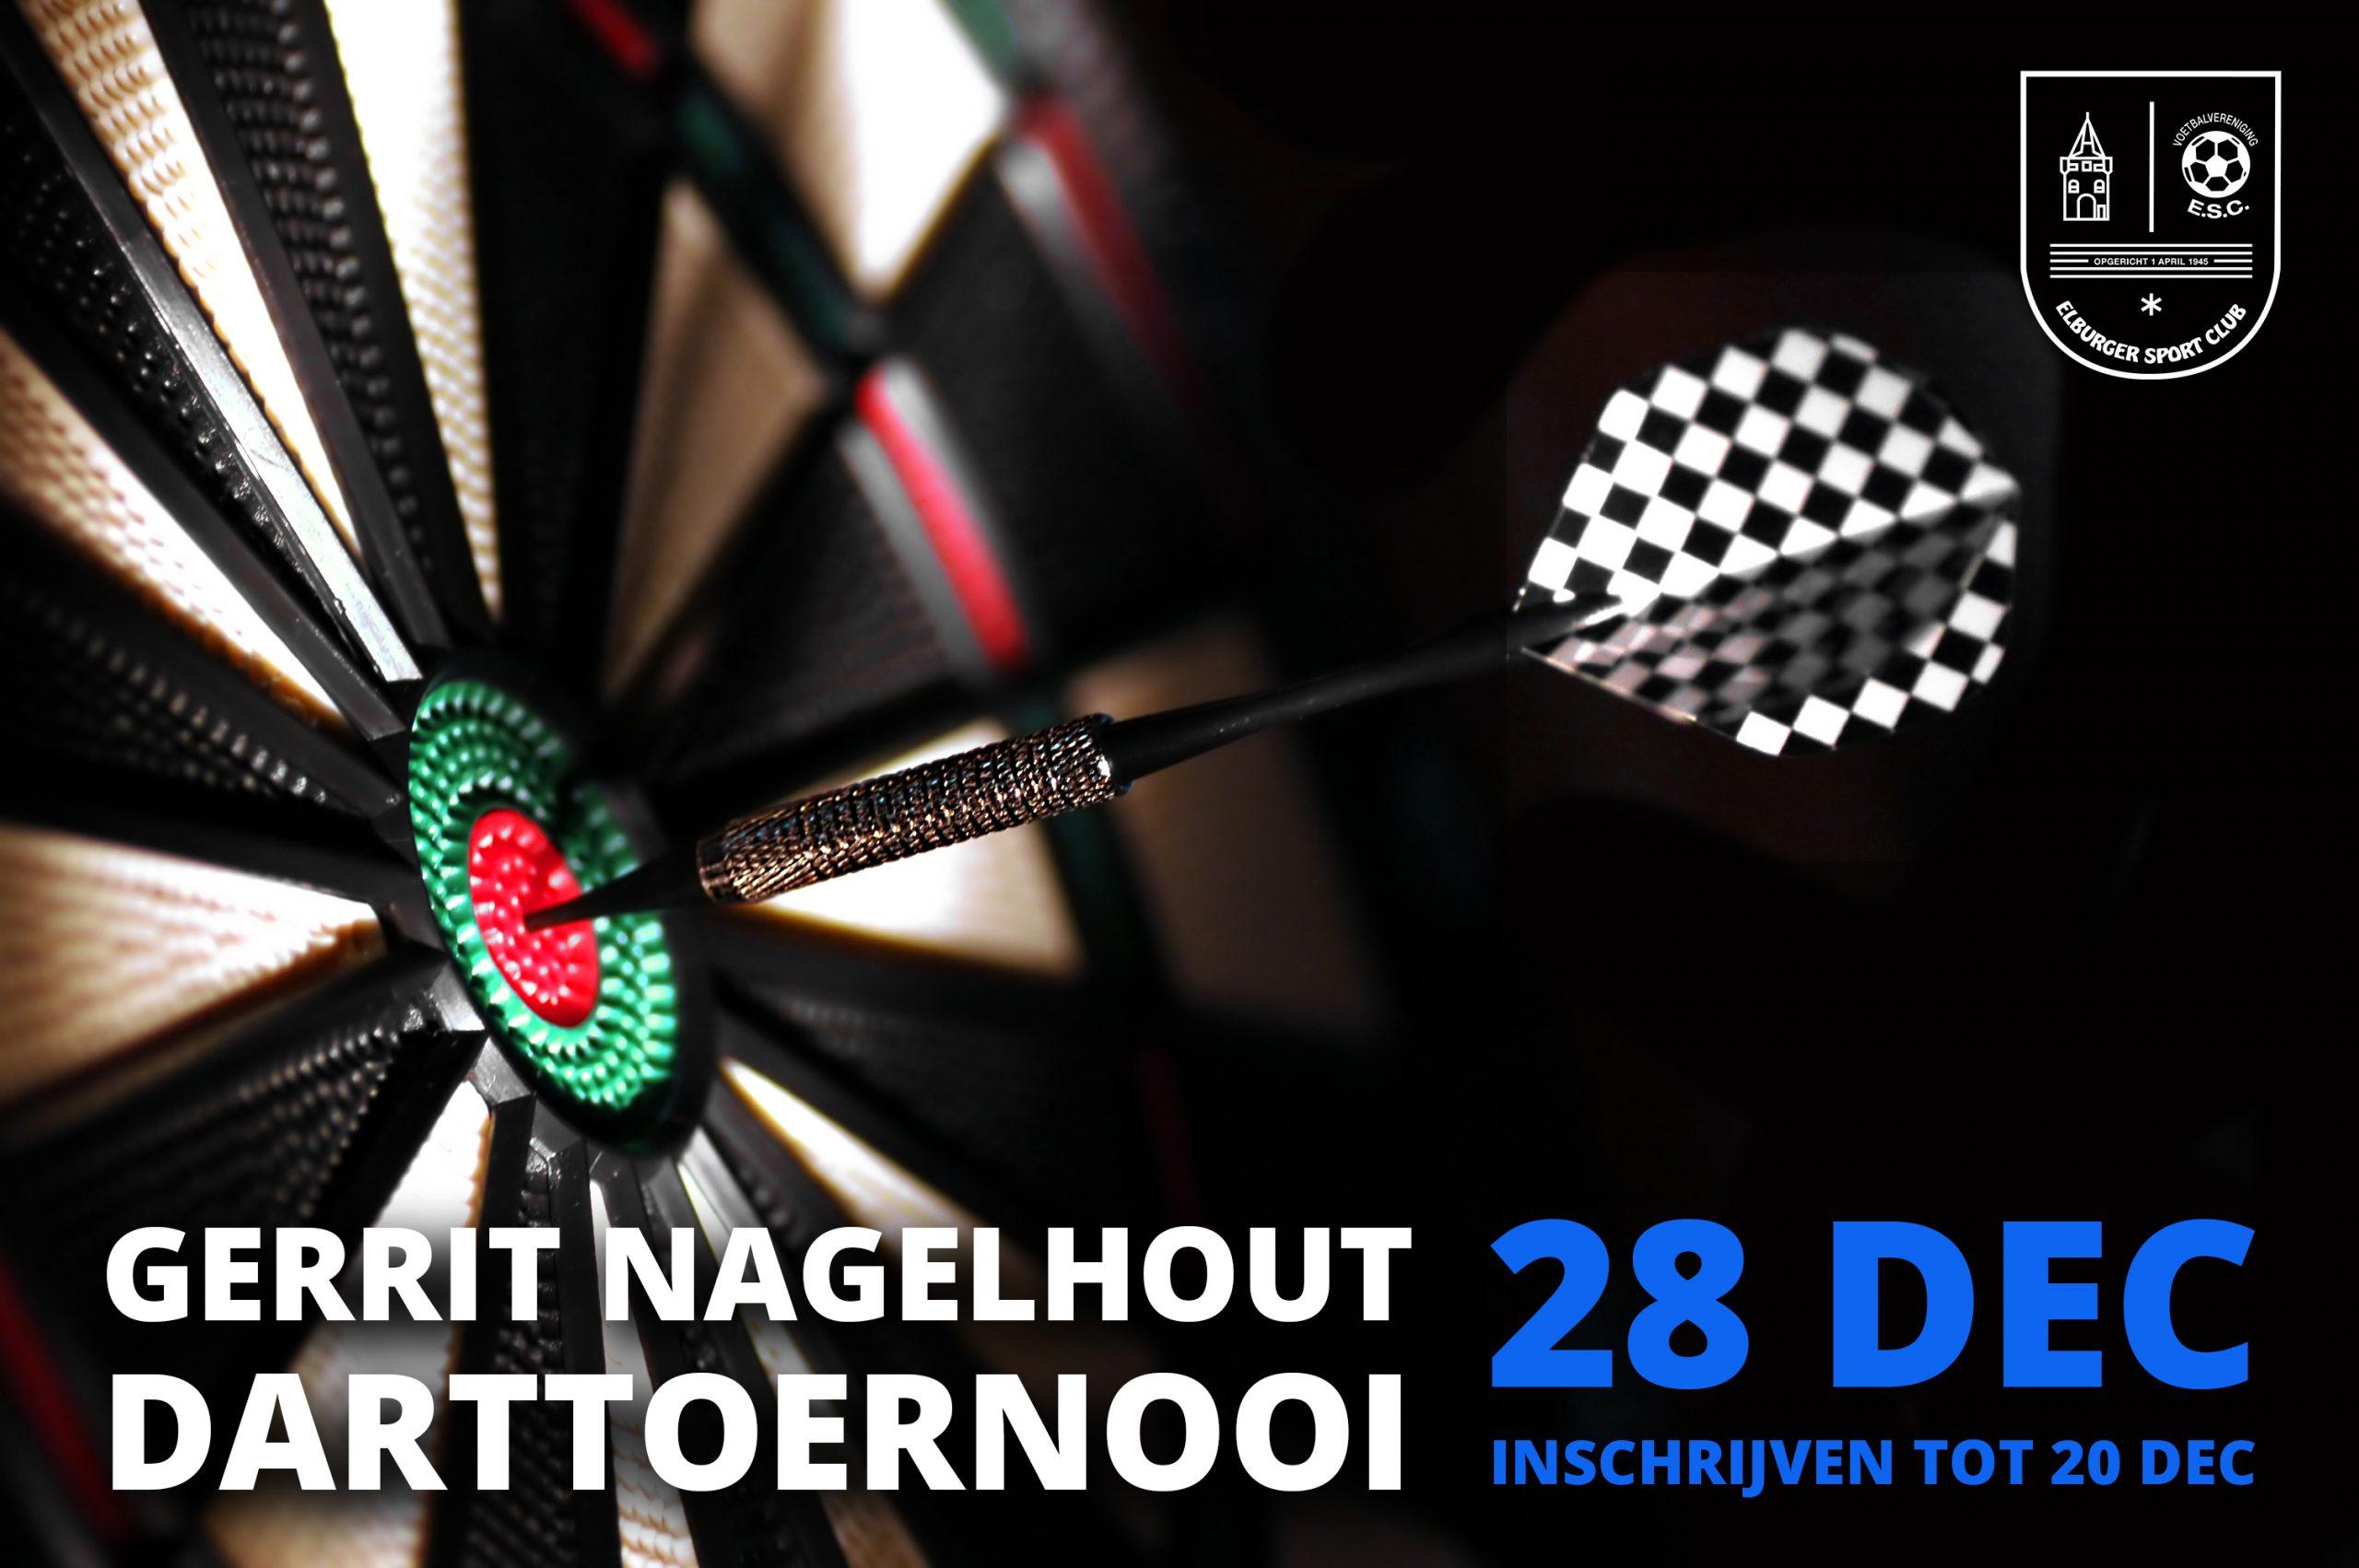 Gerrit Nagelhout Darttoernooi 2019 - Elburger SC